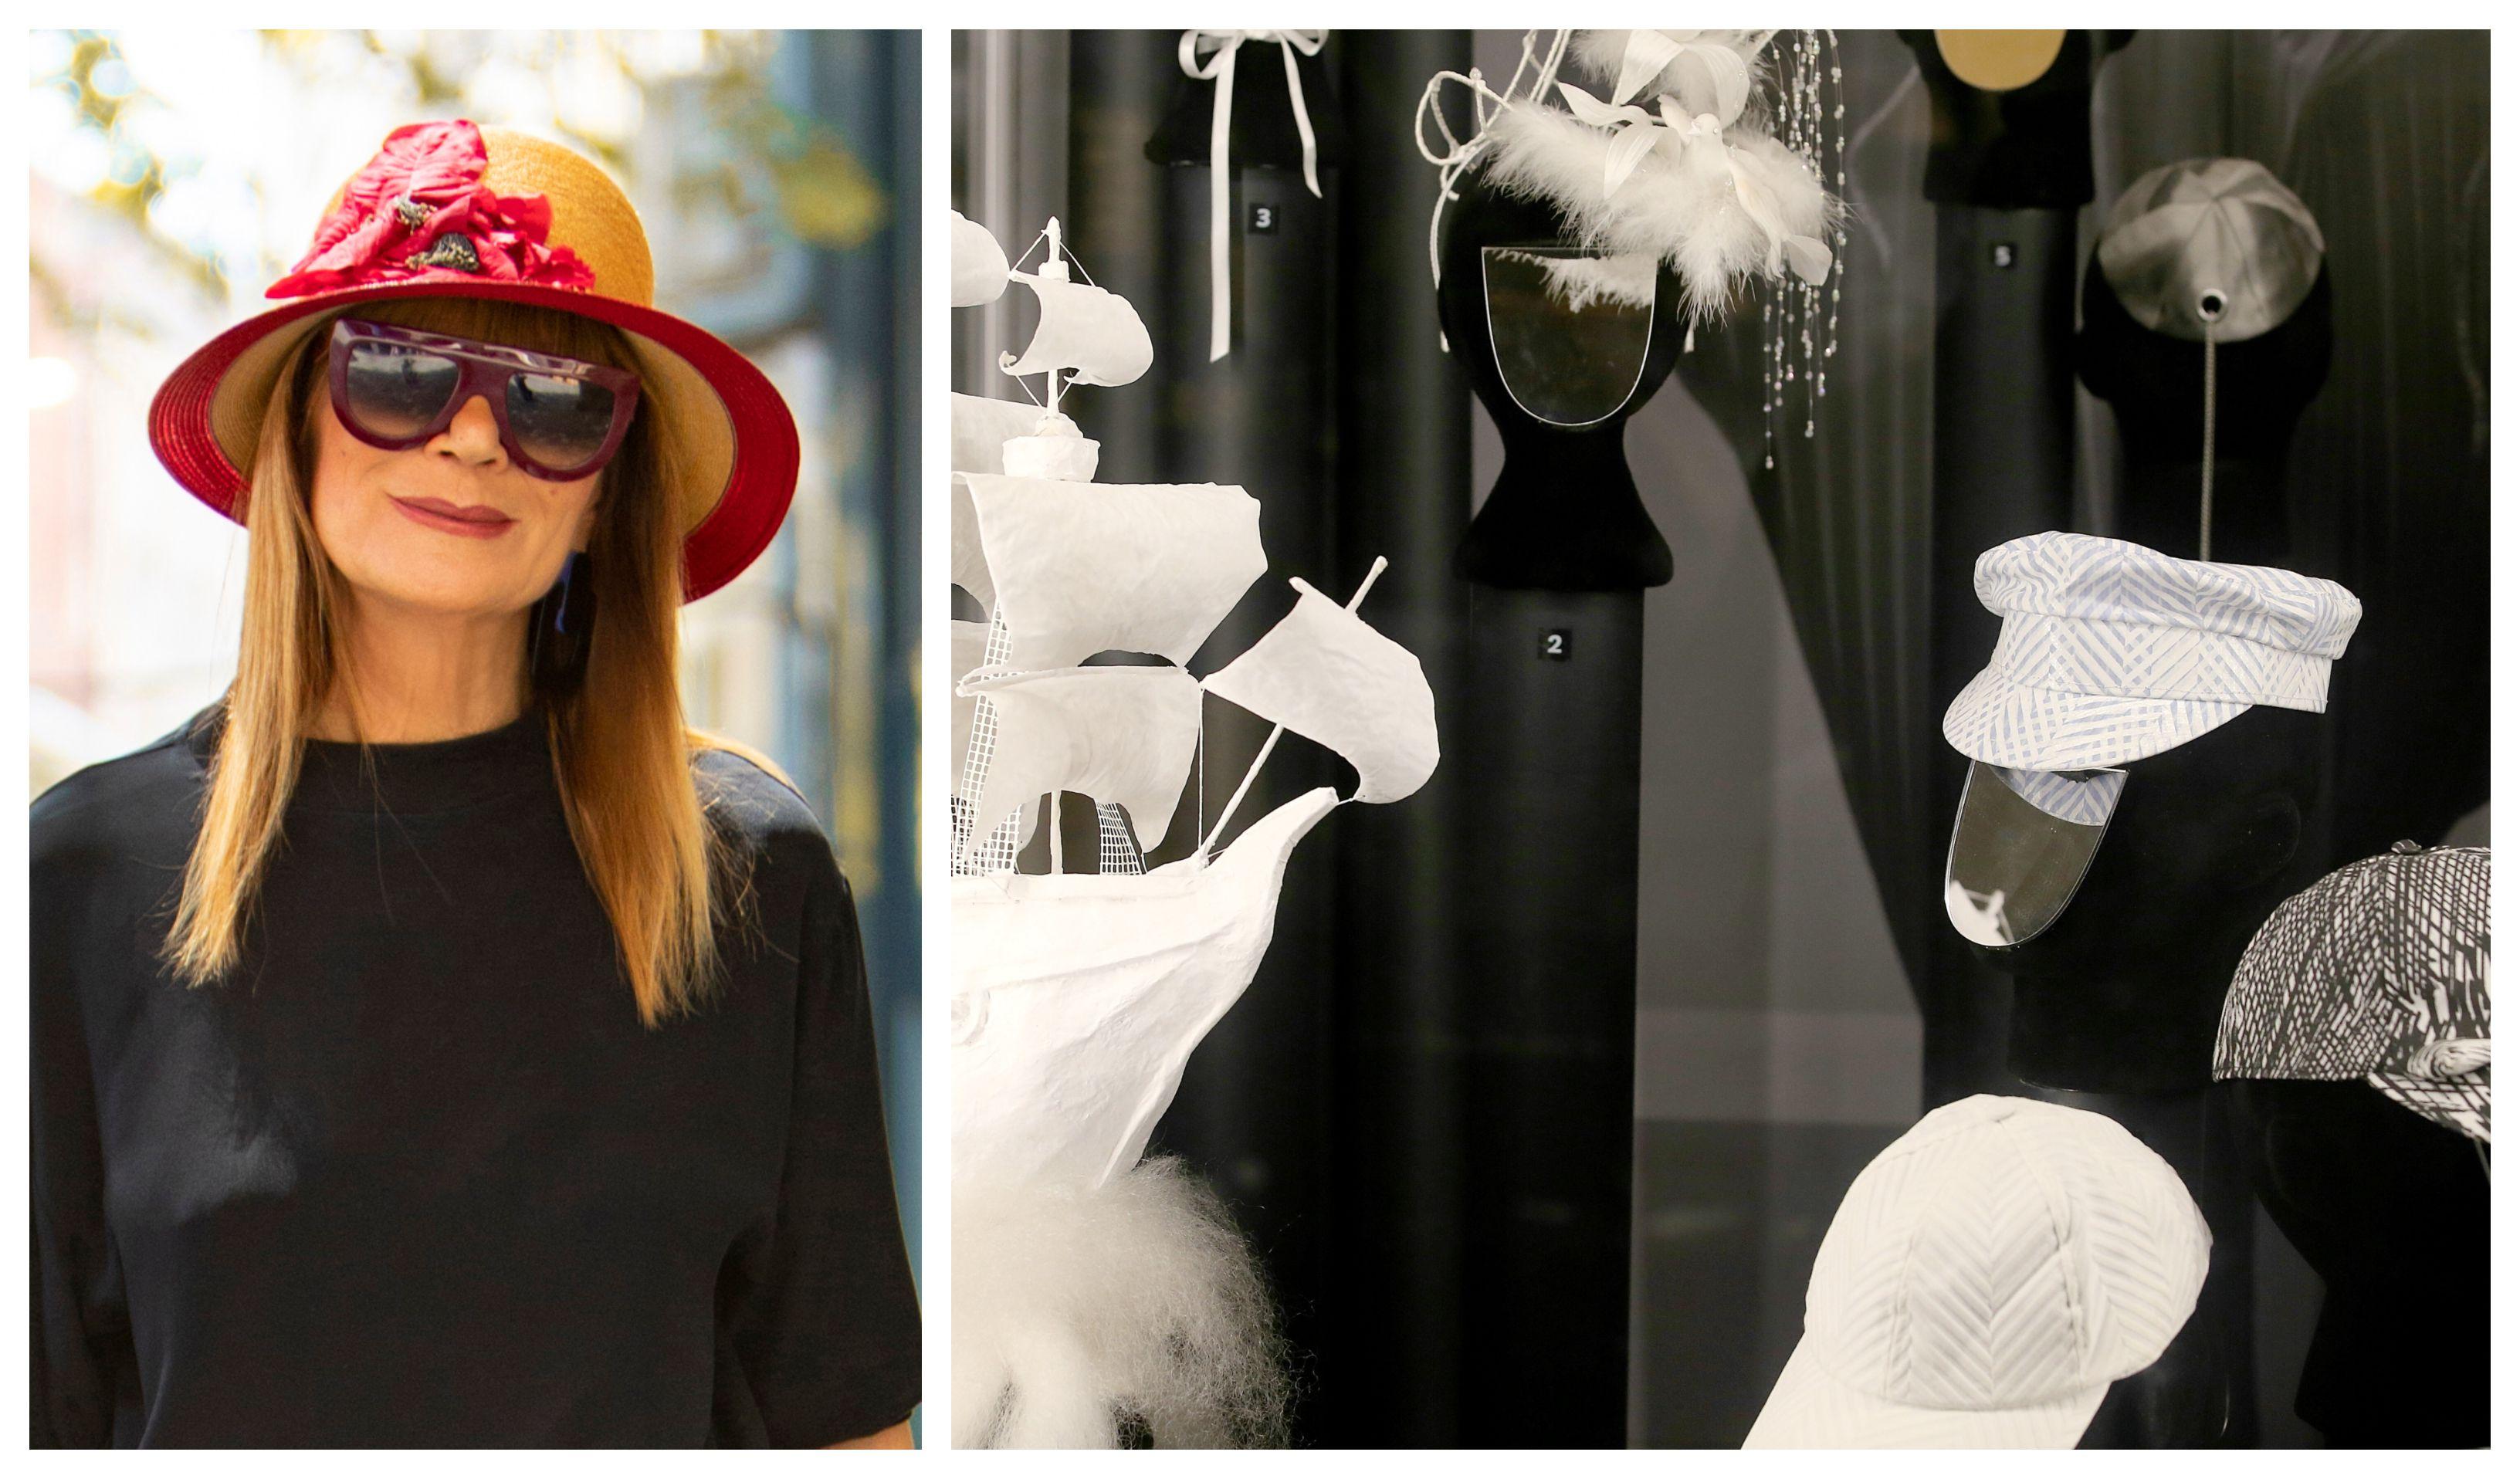 Svi senzacionalni šeširi Đurđe Tedeschi našli su se u zagrebačkom muzeju